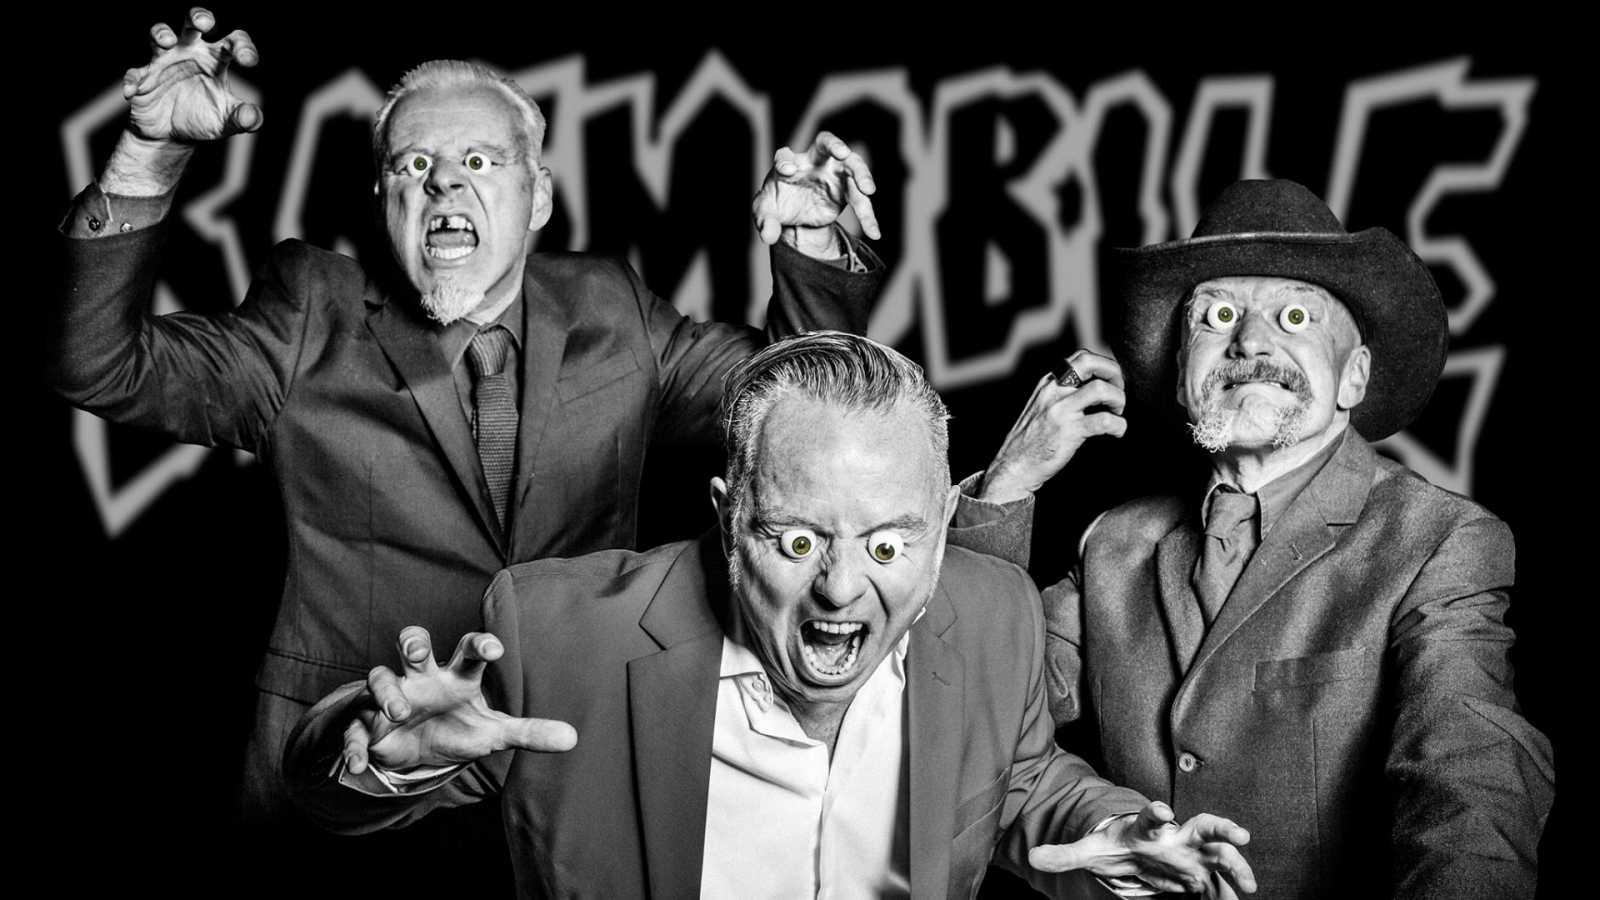 El sótano - Especial Psychobilly - 13/11/20 - escuchar ahora